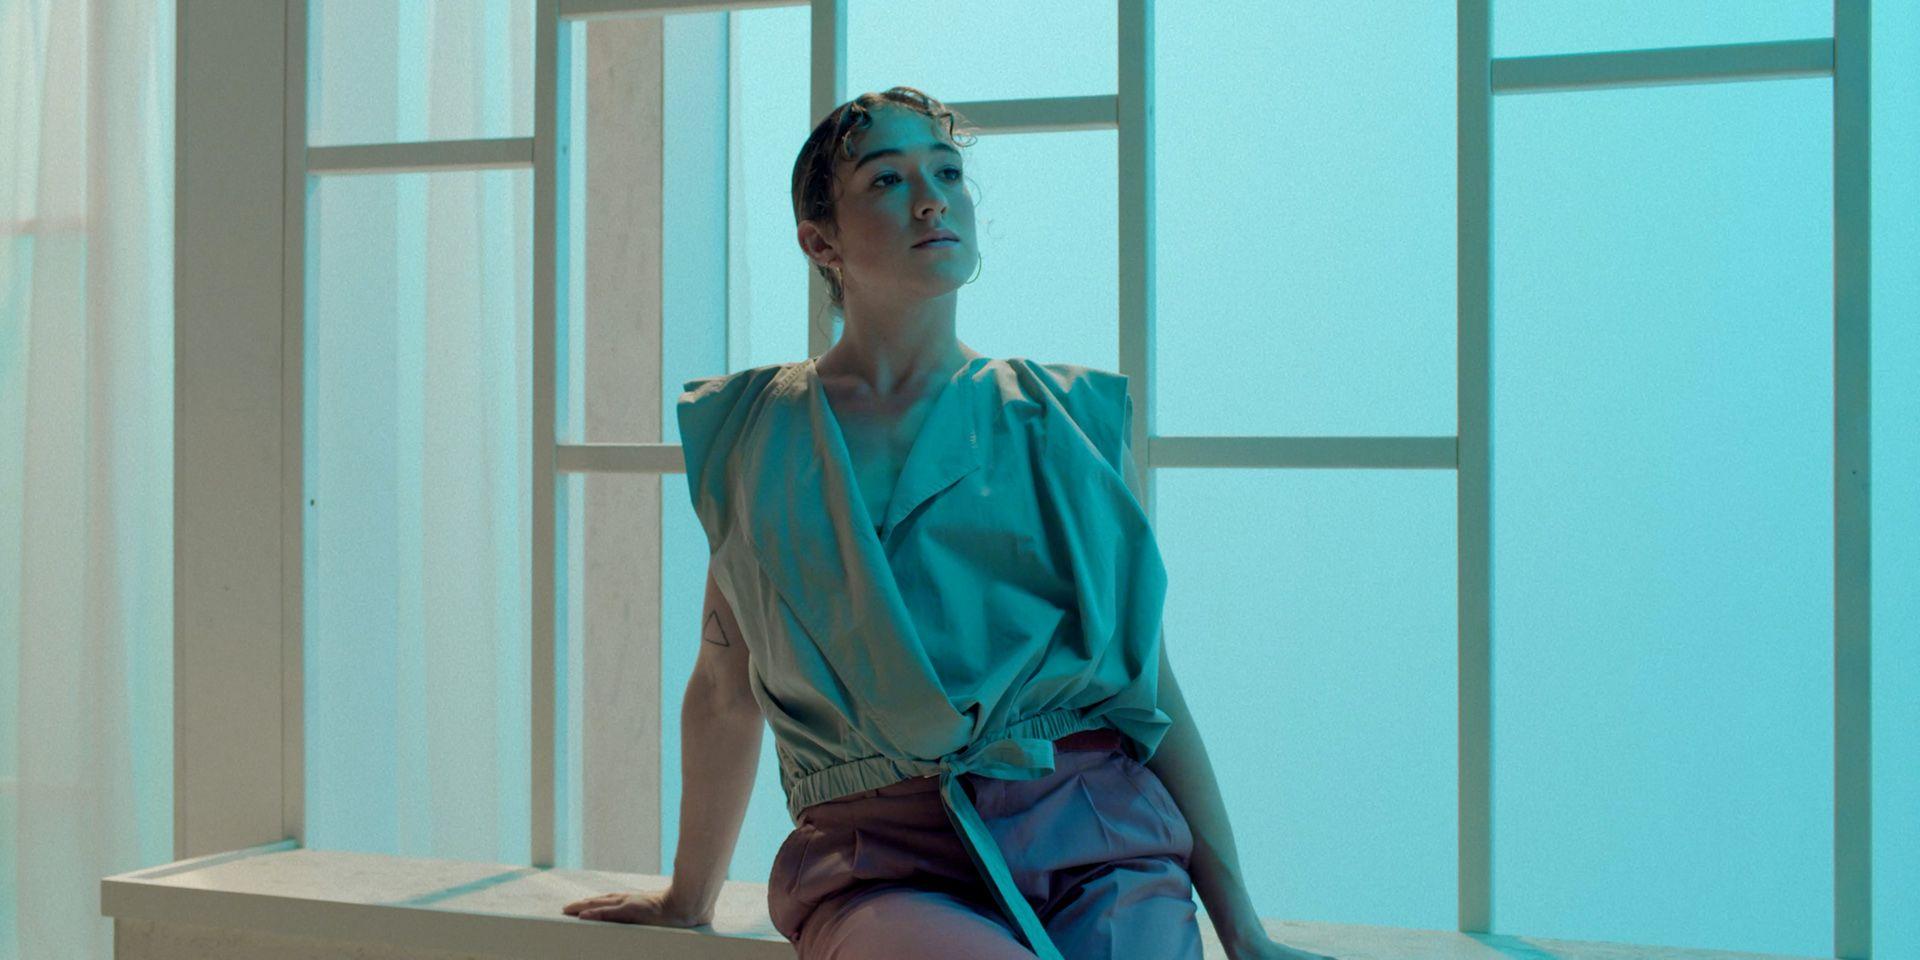 caucasian female dancer dressed in light green by Simon Duhamel for Feelings for Fabrikate